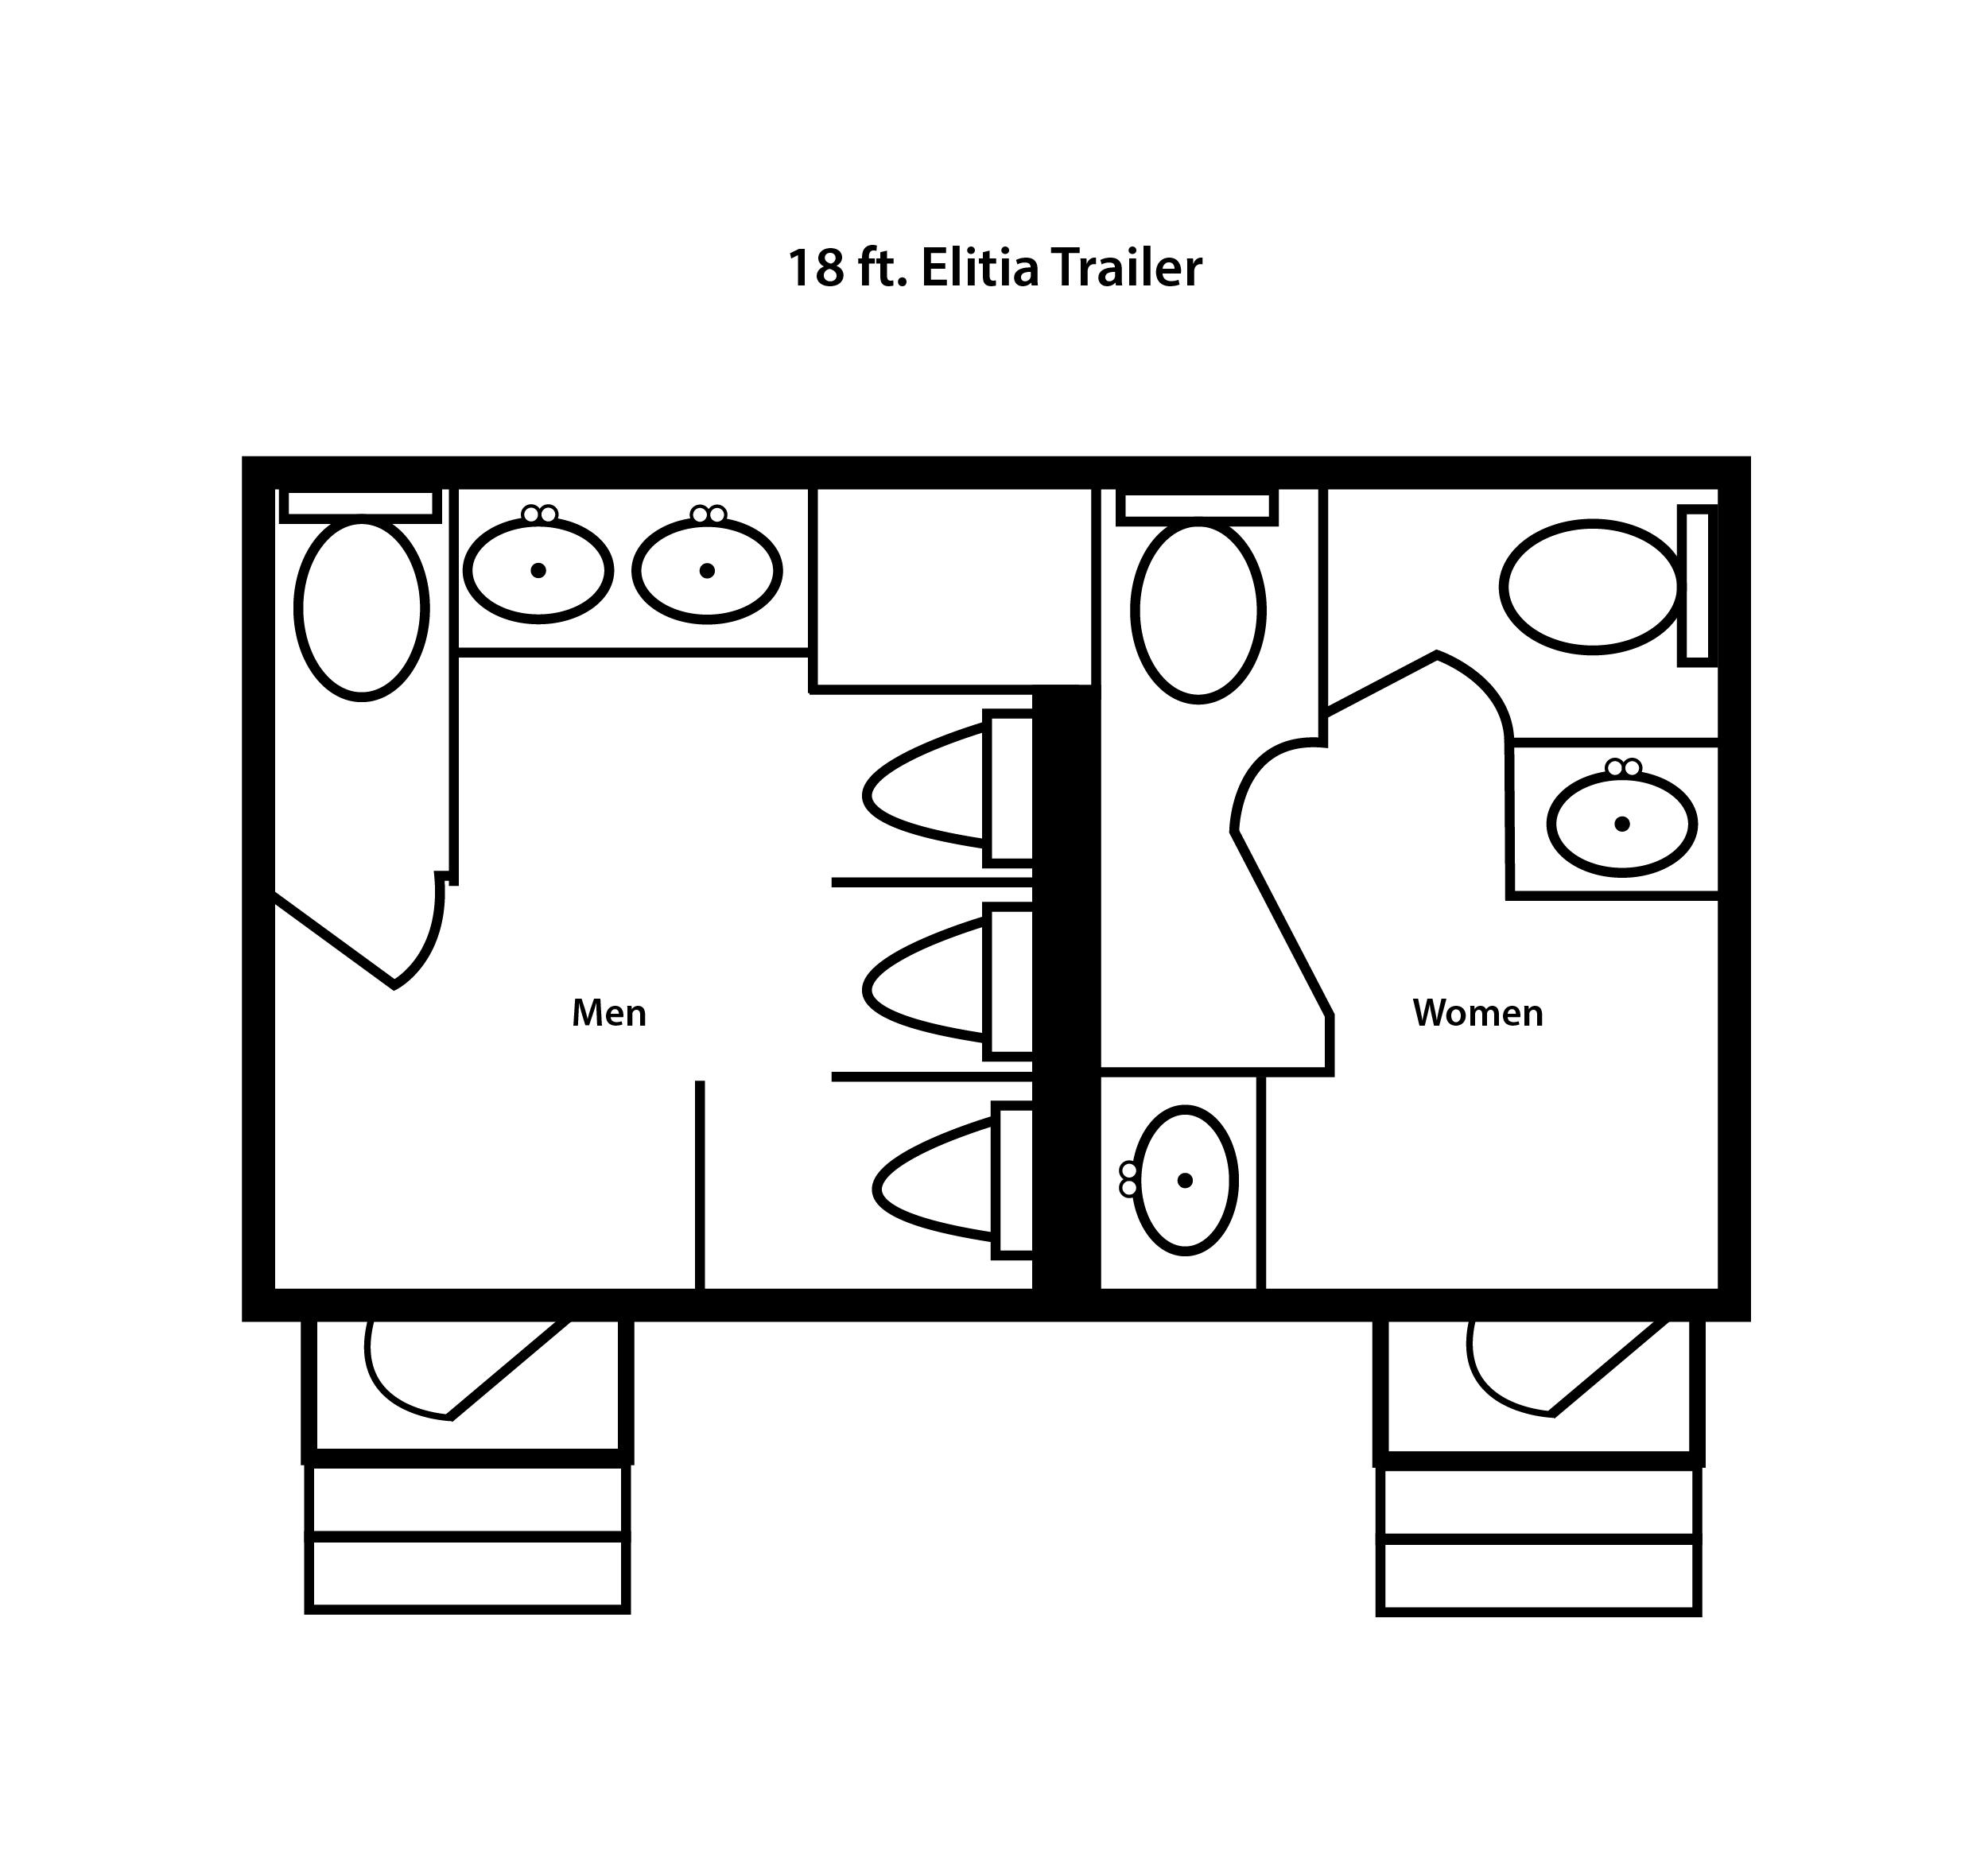 18 ft. Elitia Trailer